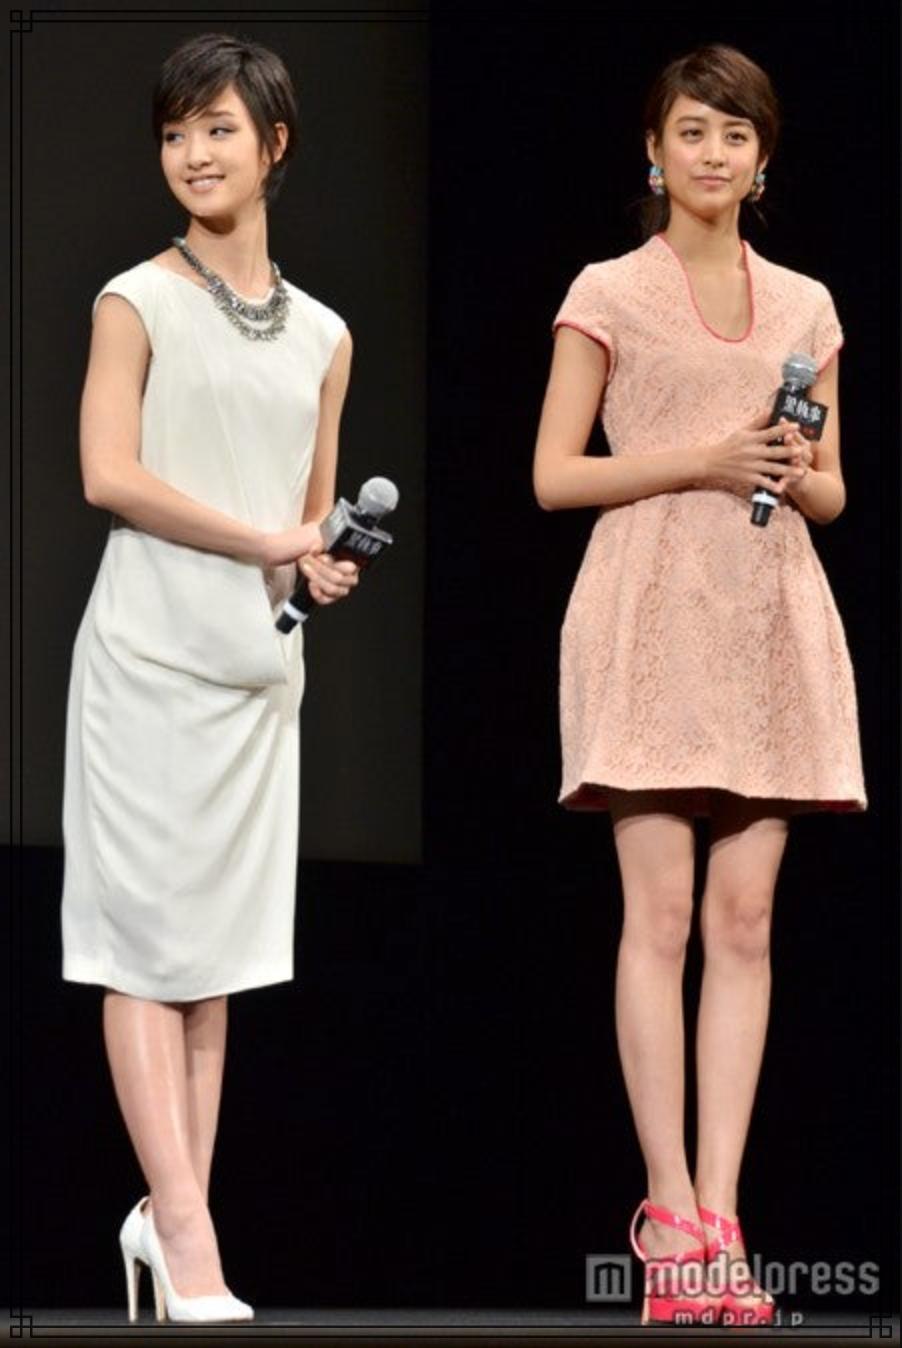 剛力彩芽さんと山本美月さんの画像